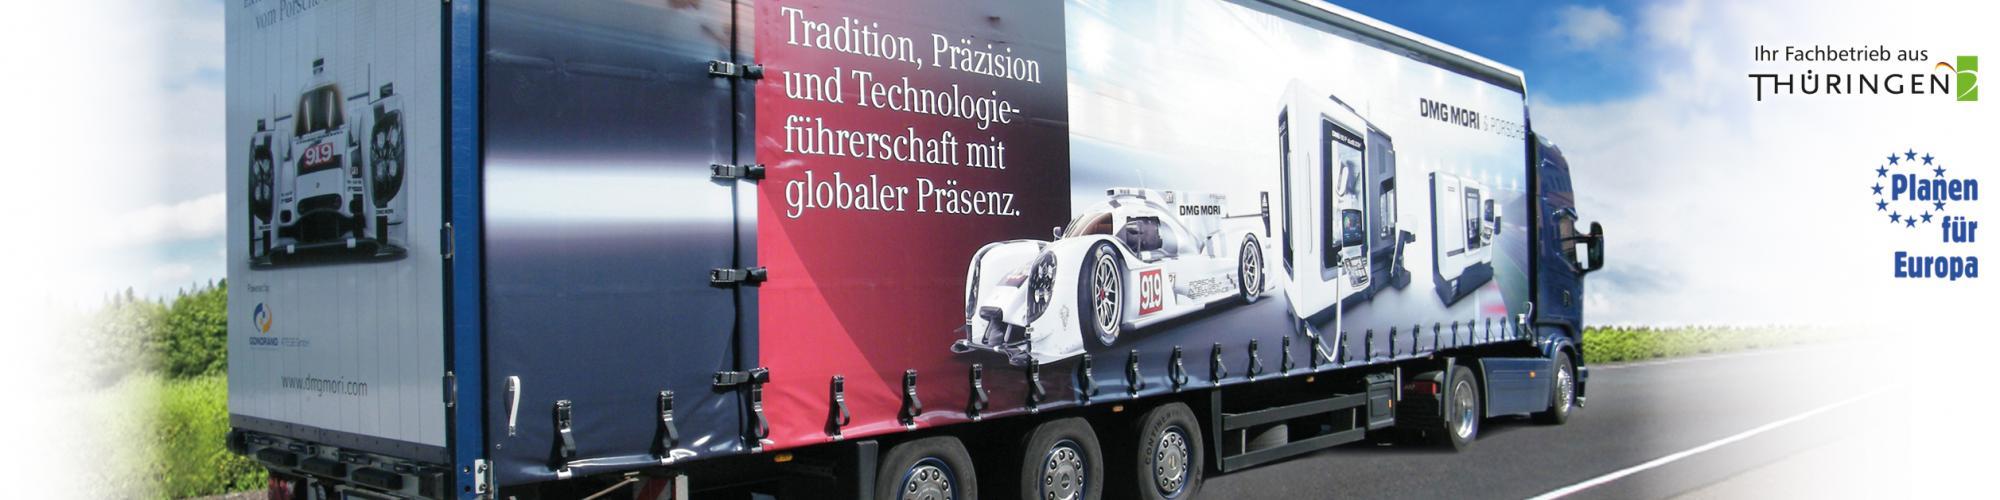 Planen Demuth GmbH & Co. KG